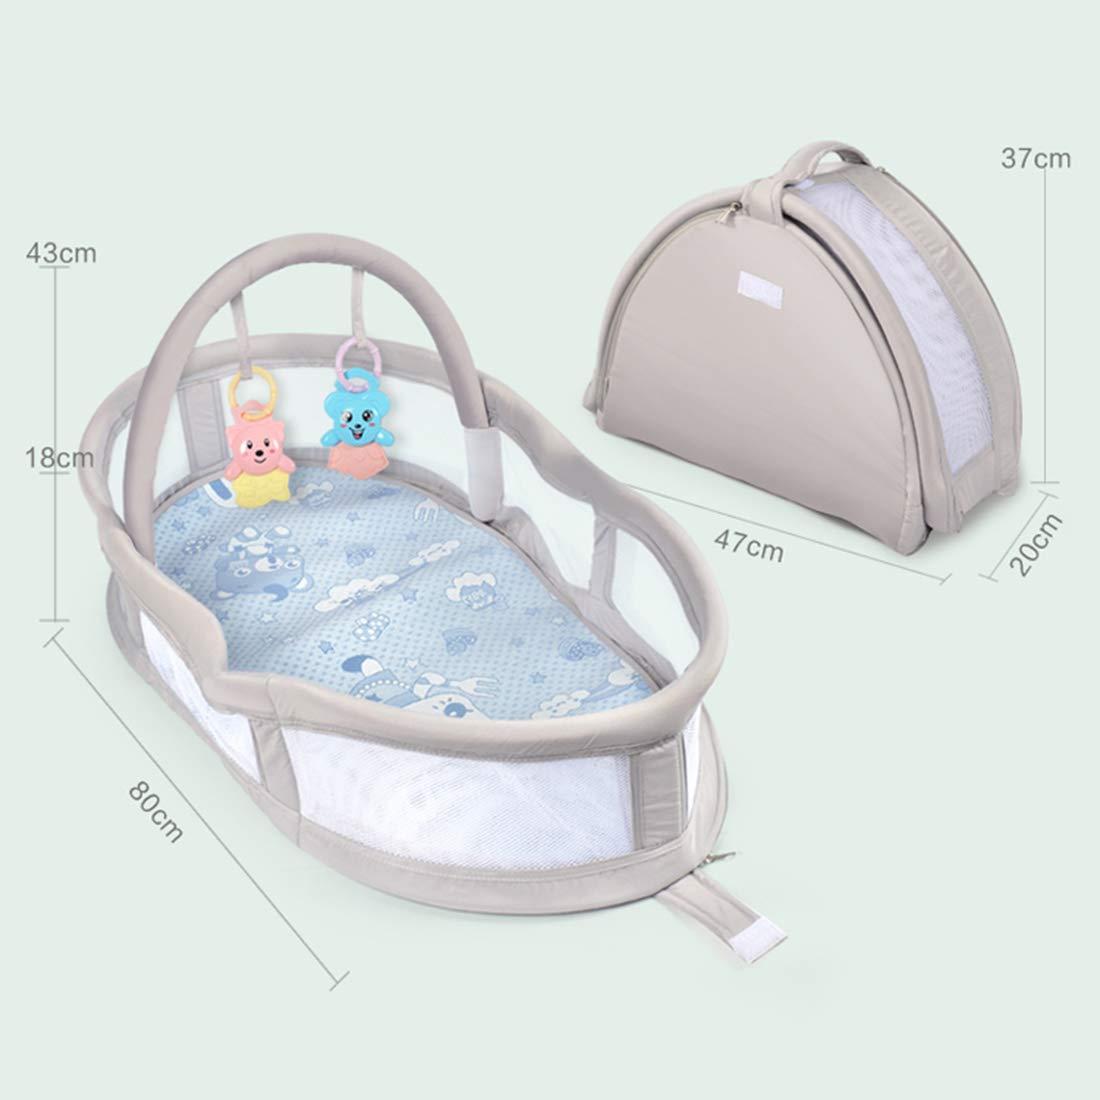 47 * 43 * 80cm Schlafkorb Baby mit Matratze TETAKE Reisebett Baby Babybett mit Bogen